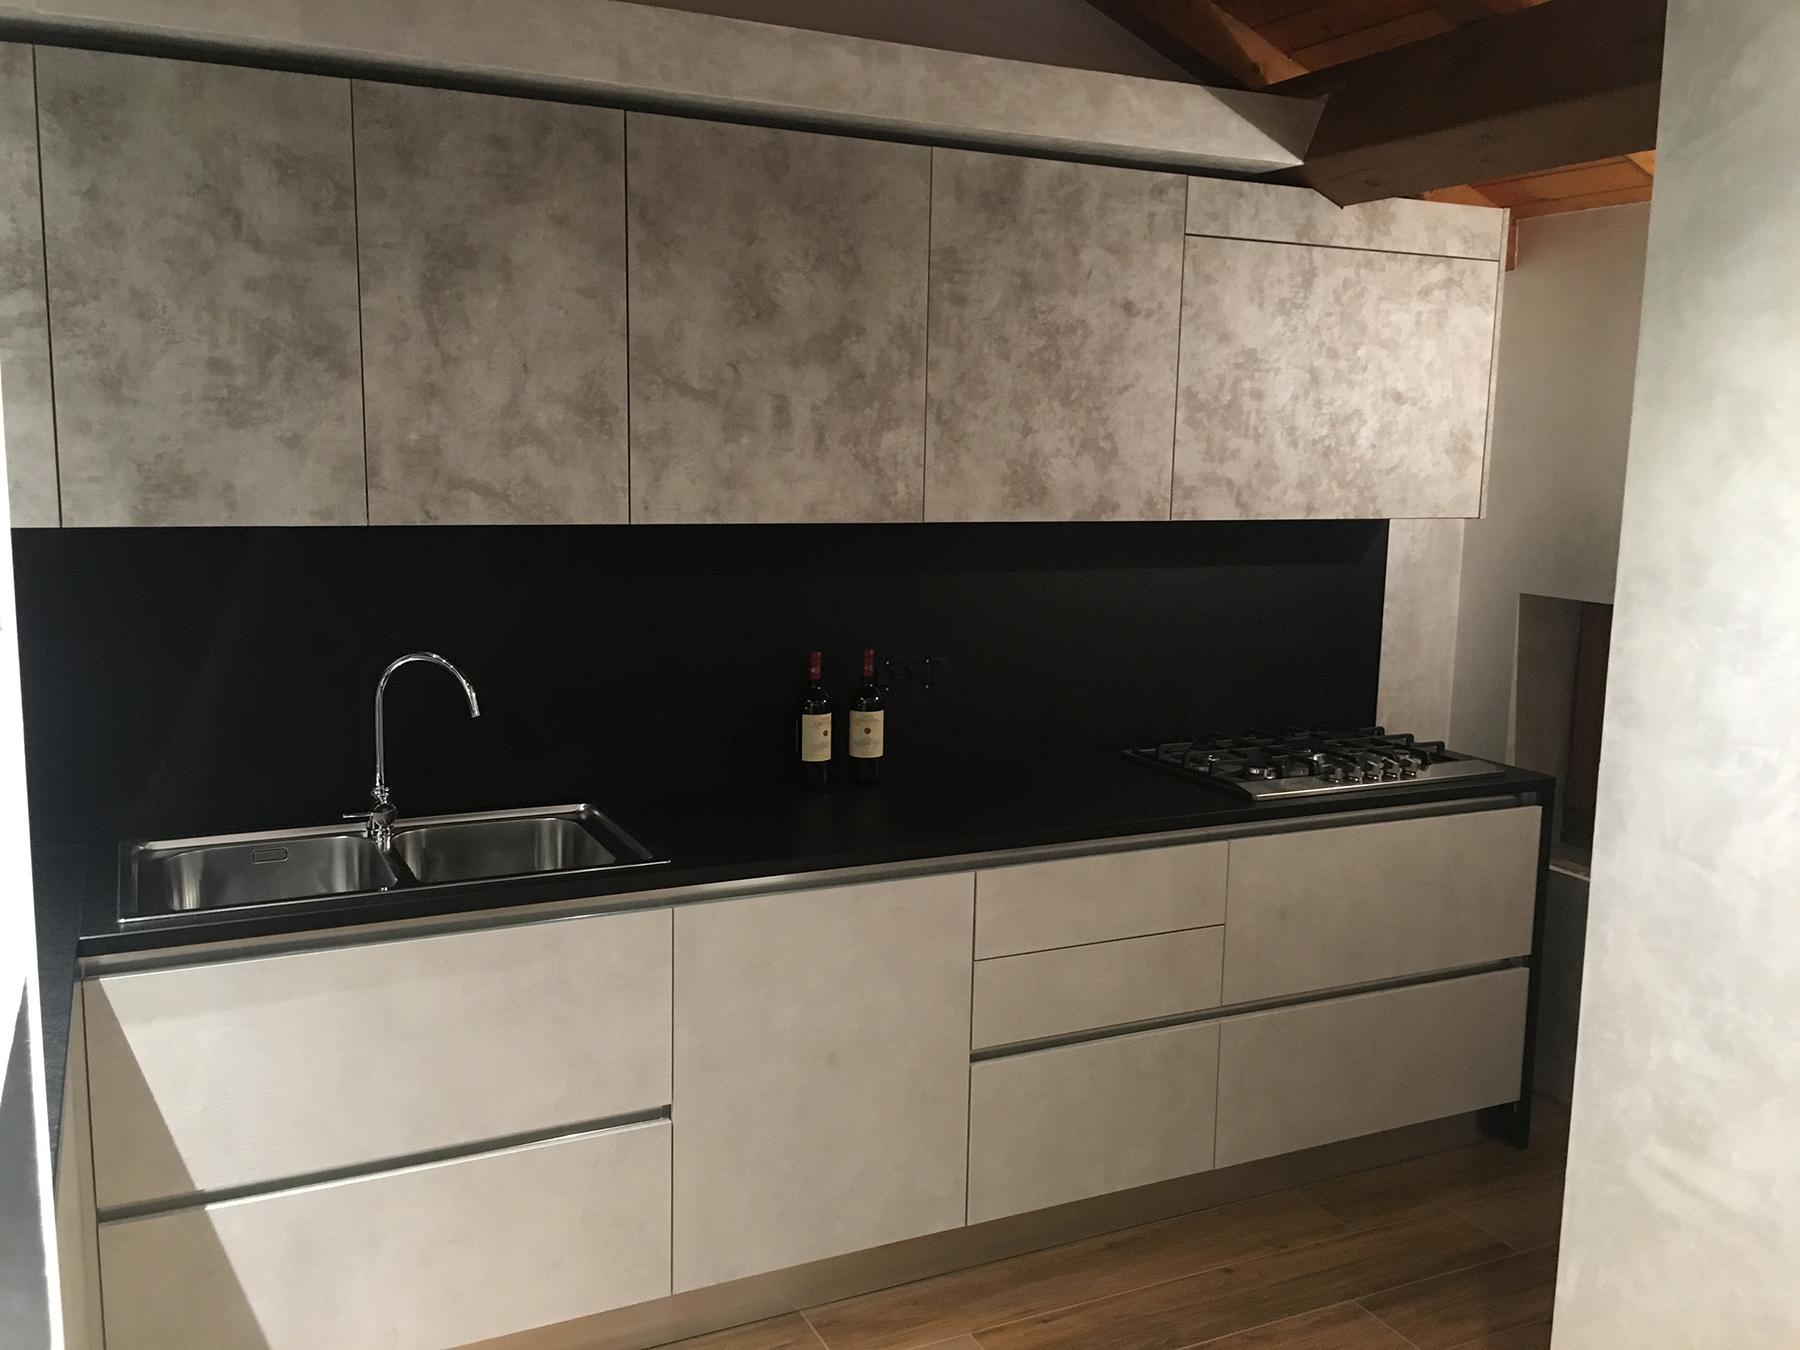 Cucina Spagnol modello Talita basi più colonne esterne oxide perla colonna centrale e pensili oxide terra piano sp.3 con schienale e fianco finale granito nero